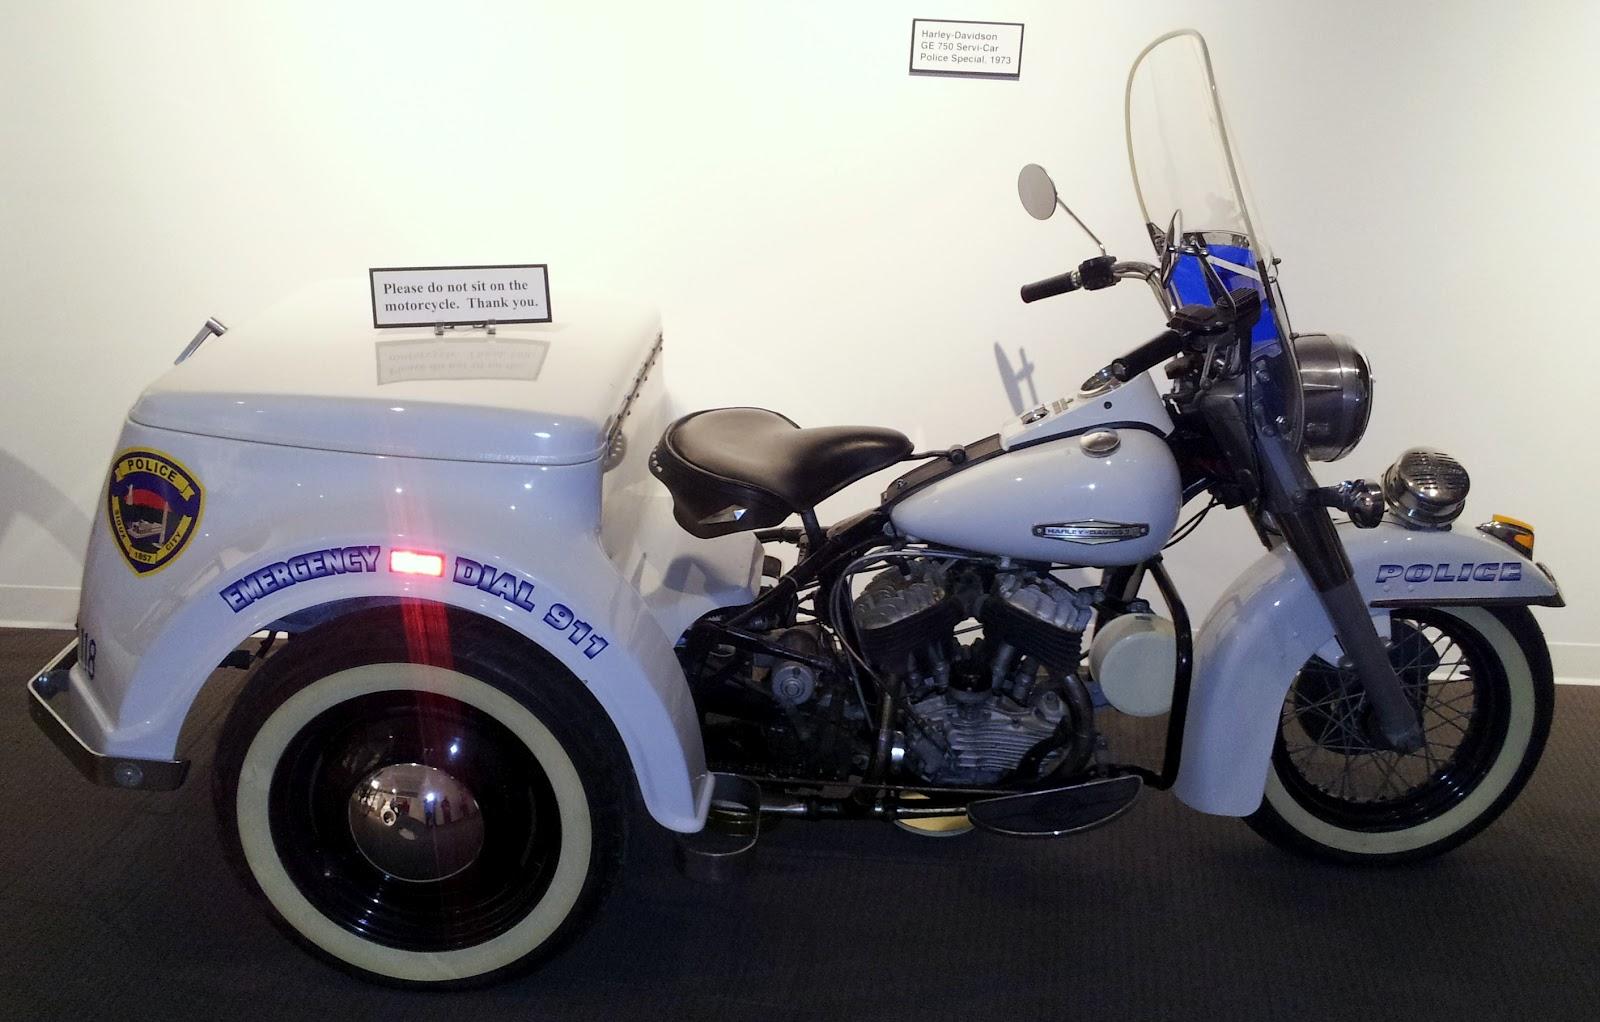 1973 Harley-Davidson Police Special